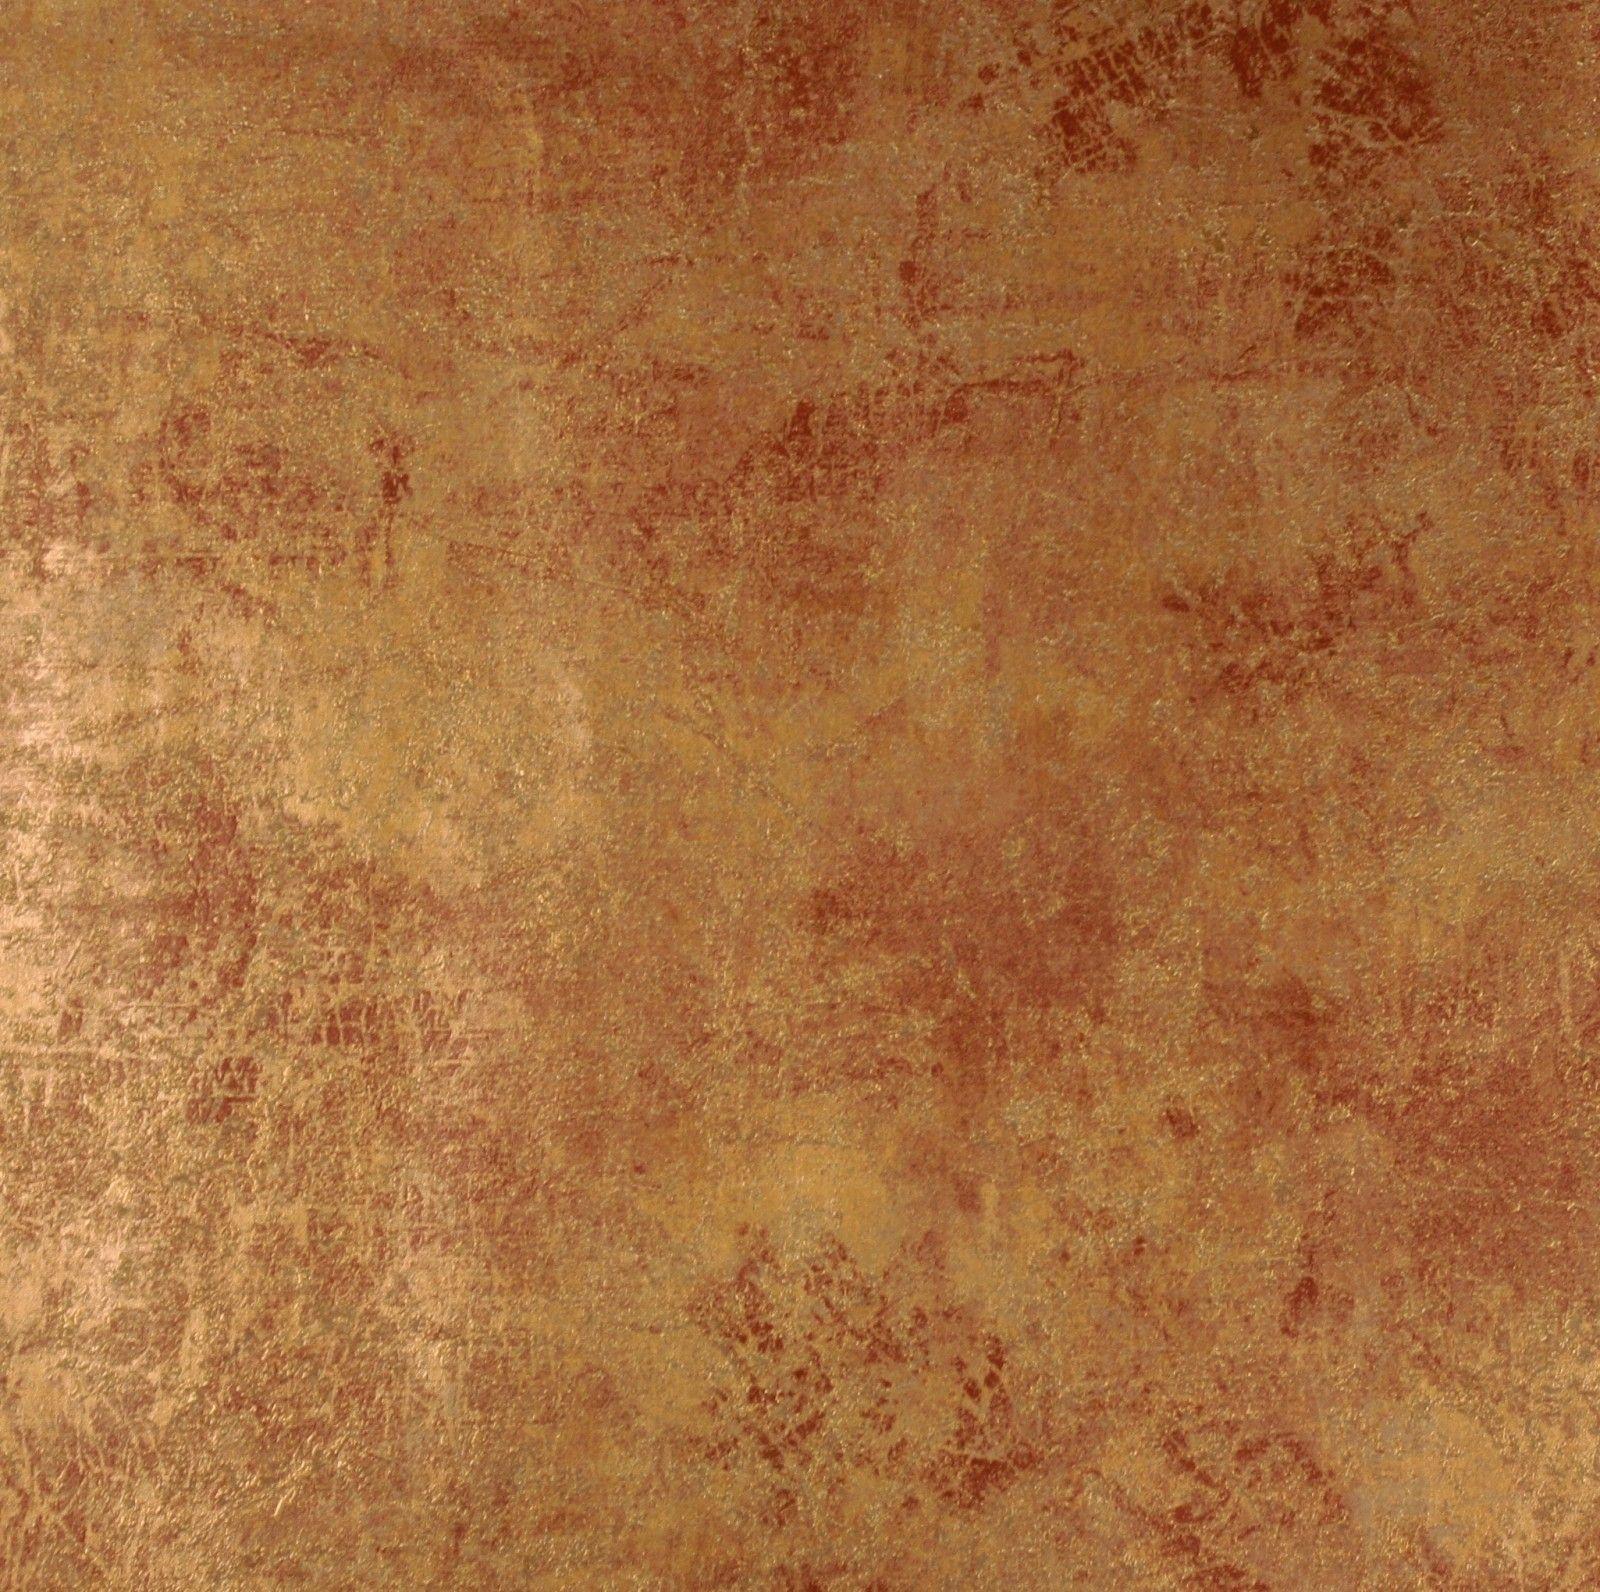 Mediterrane Tapeten la veneziana vliestapete marburg tapete edel patina gold rost 77706